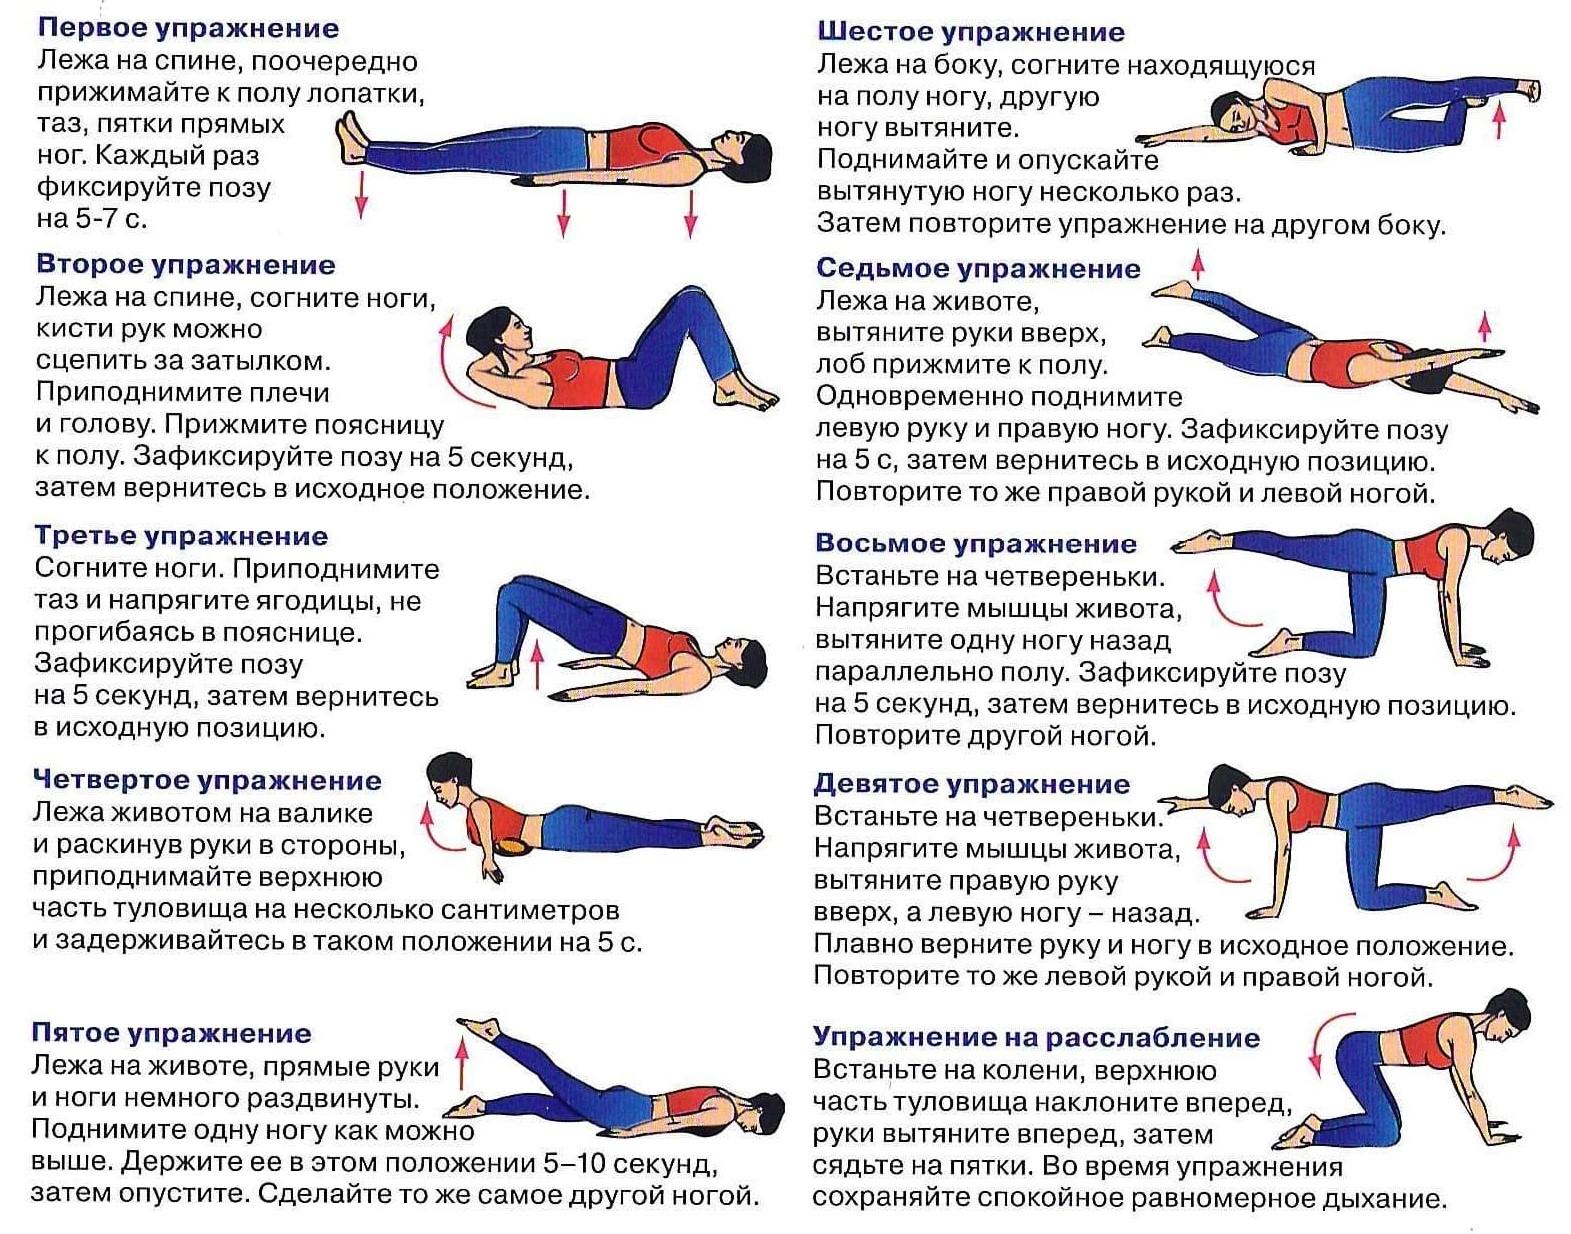 упражнения для укрепления мышц спины и позвоночника